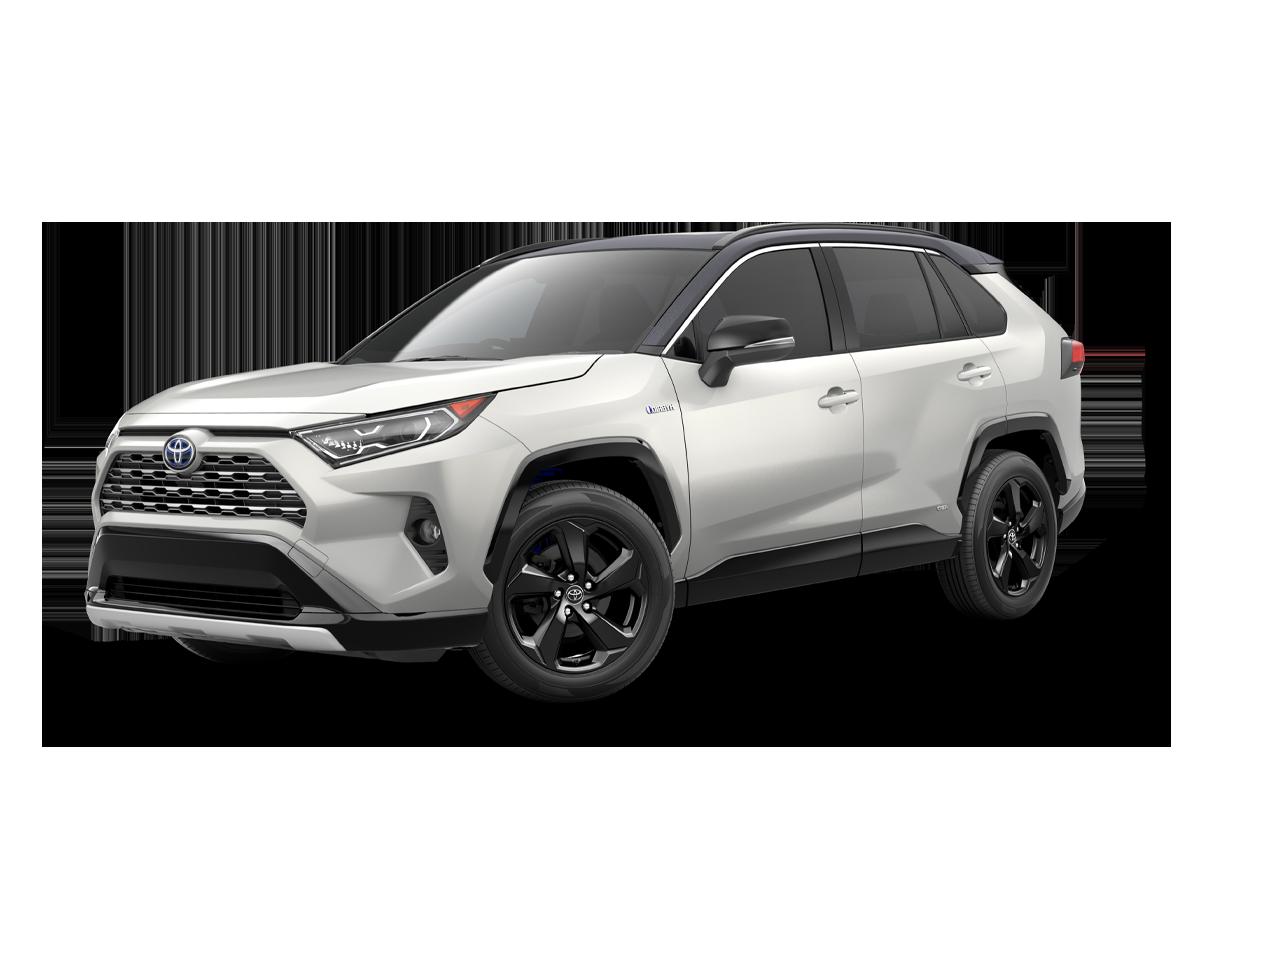 2020 RAV4 XSE Hybrid